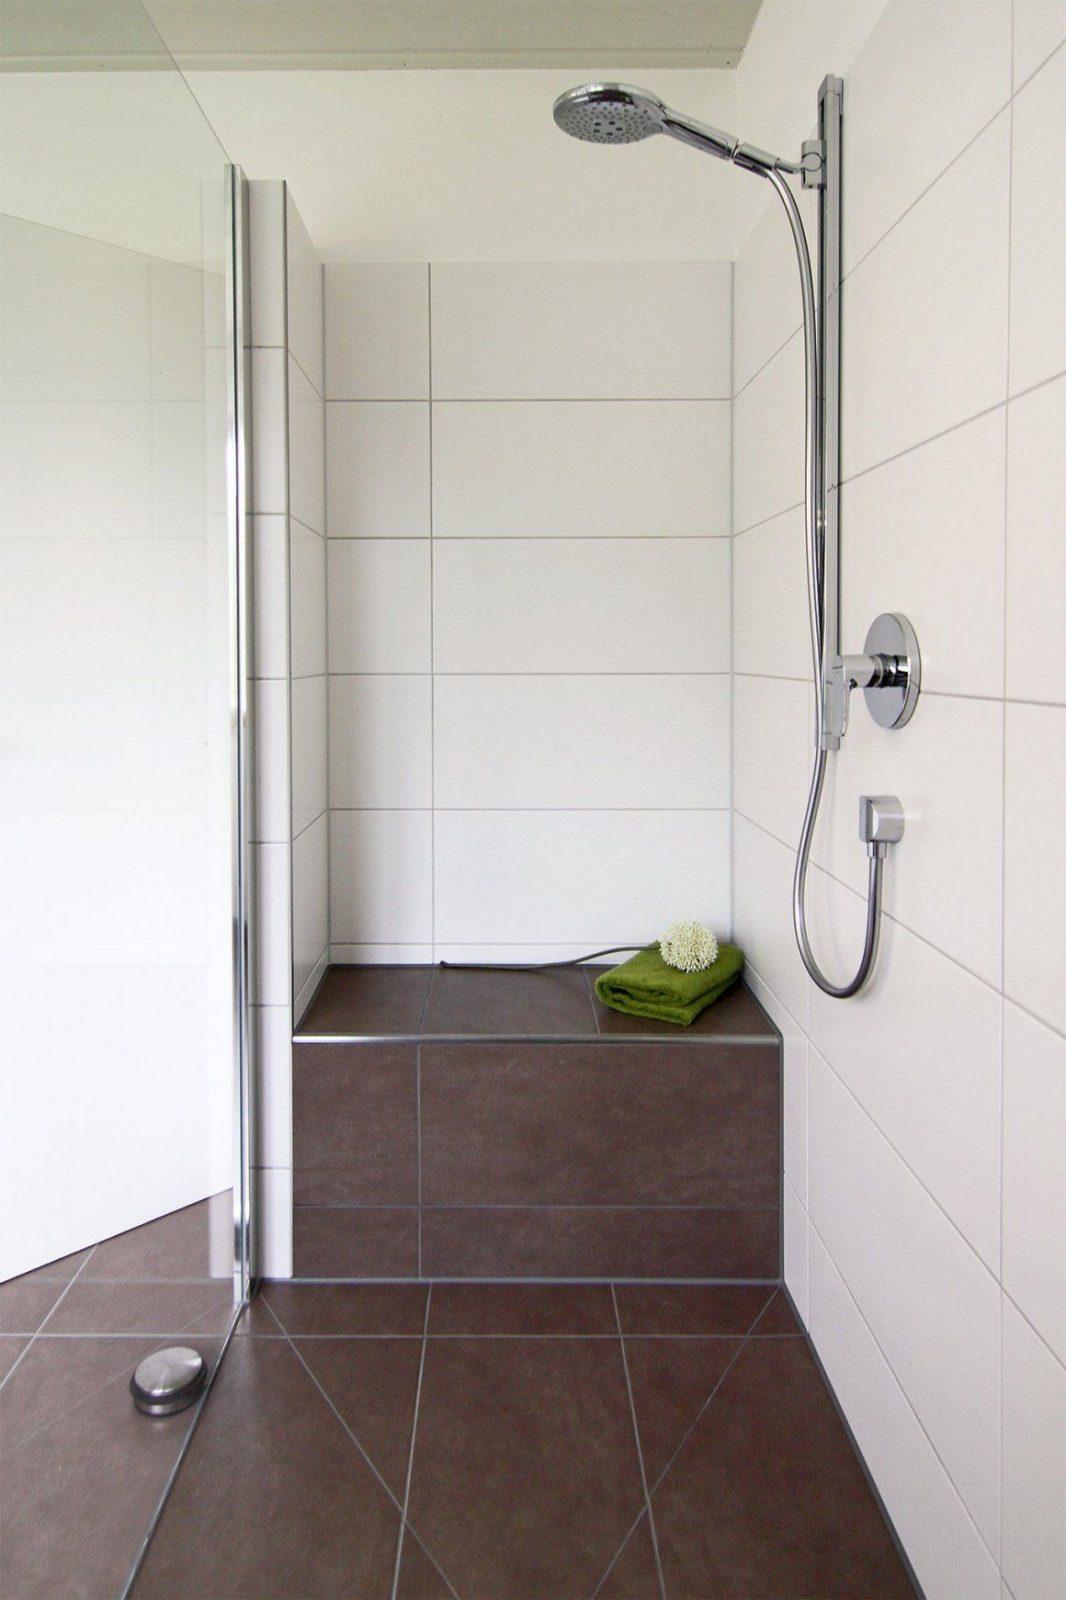 Begehbare dusche graue fliesen in betonoptik geflieste sitzbank von begehbare dusche mit - Dusche mit sitzbank ...